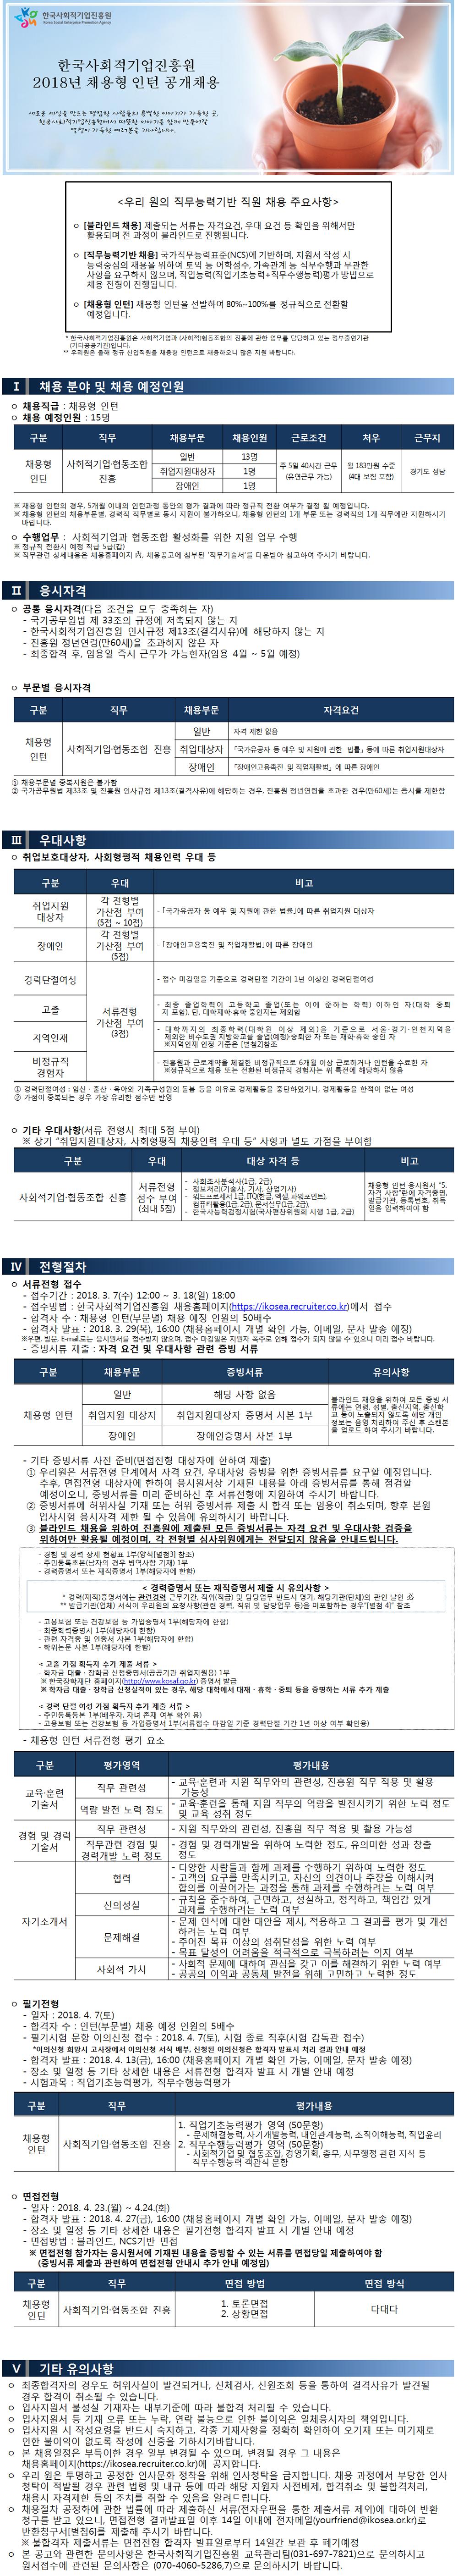 [한국사회적기업진흥원] 2018 채용형인턴(신입) 및 경력 직원 채용